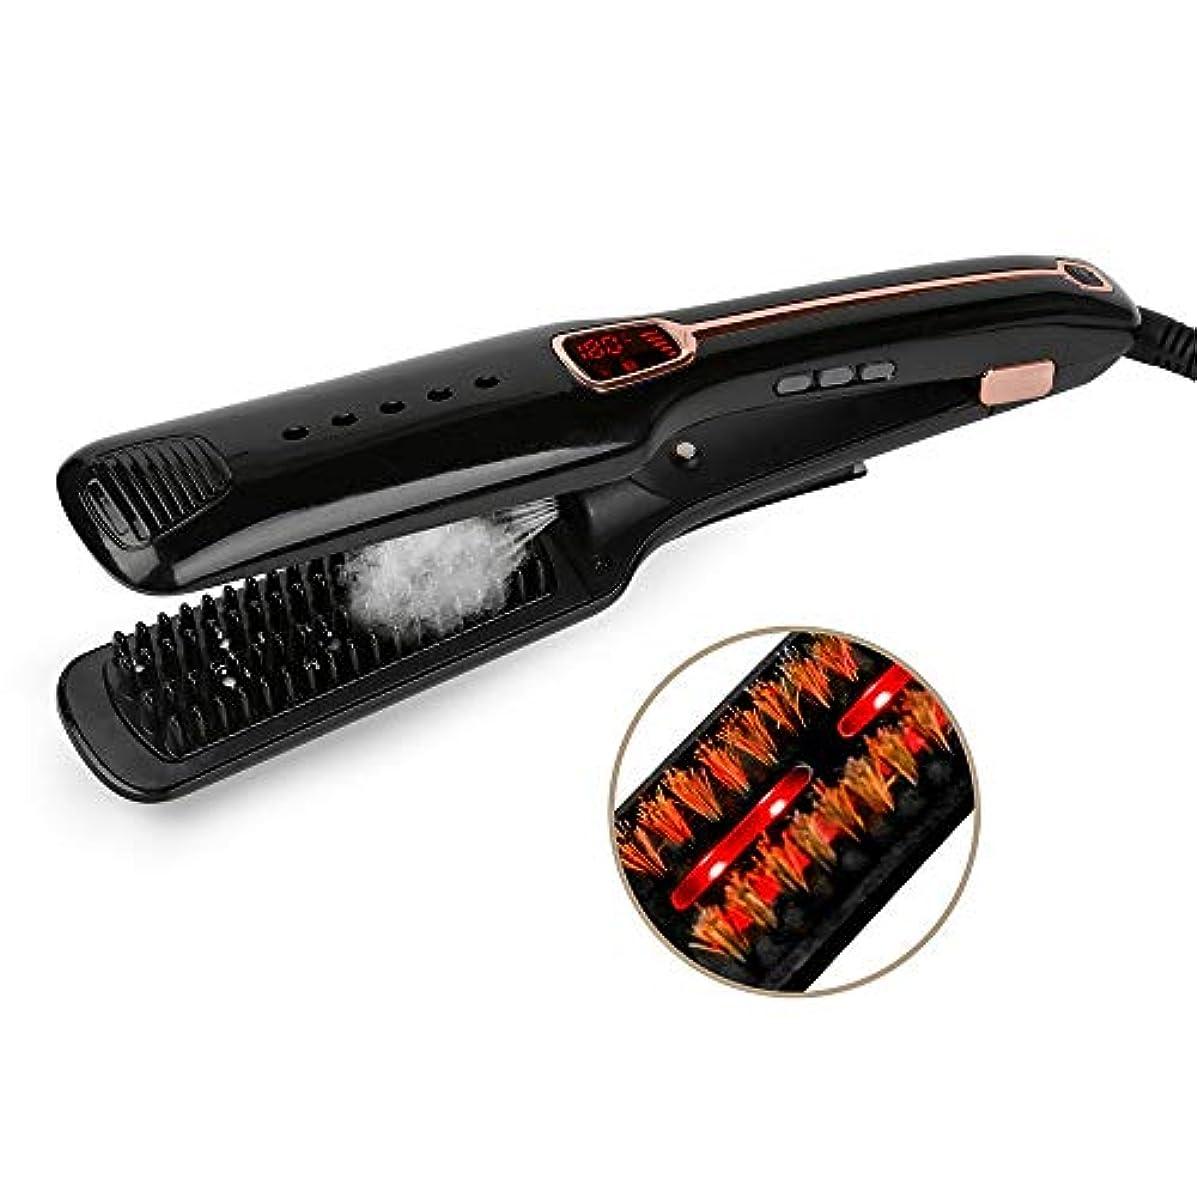 要旨ヤギびっくりしたストレートヘアスティック LCDディスプレイデザインの赤外線スチームストレートナーポータブルホーム調節可能な温度ストレートヘアスティックは、ストレージと旅行に非常に適しています すべてのタイプの髪に適しています (色 :...